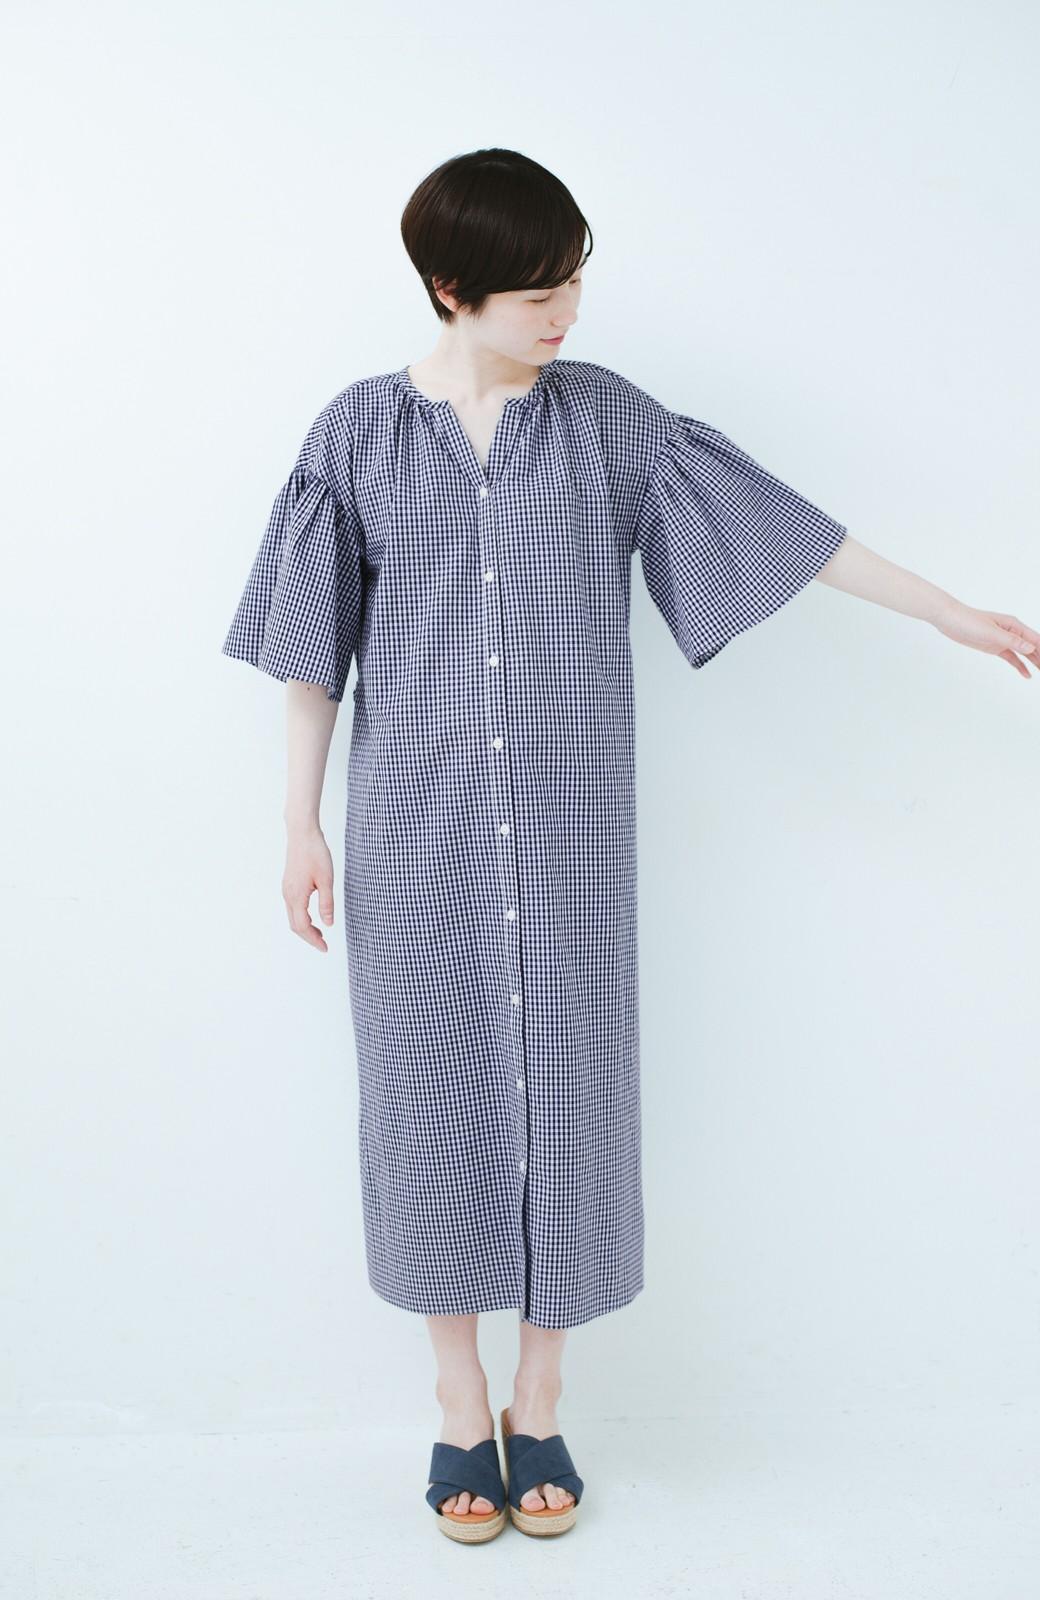 haco! 【スタッフスペシャルセット】ギリギリ女子ミオの夏のコーデに便利!手持ちのTシャツといけるんちゃうかセット  <その他>の商品写真5